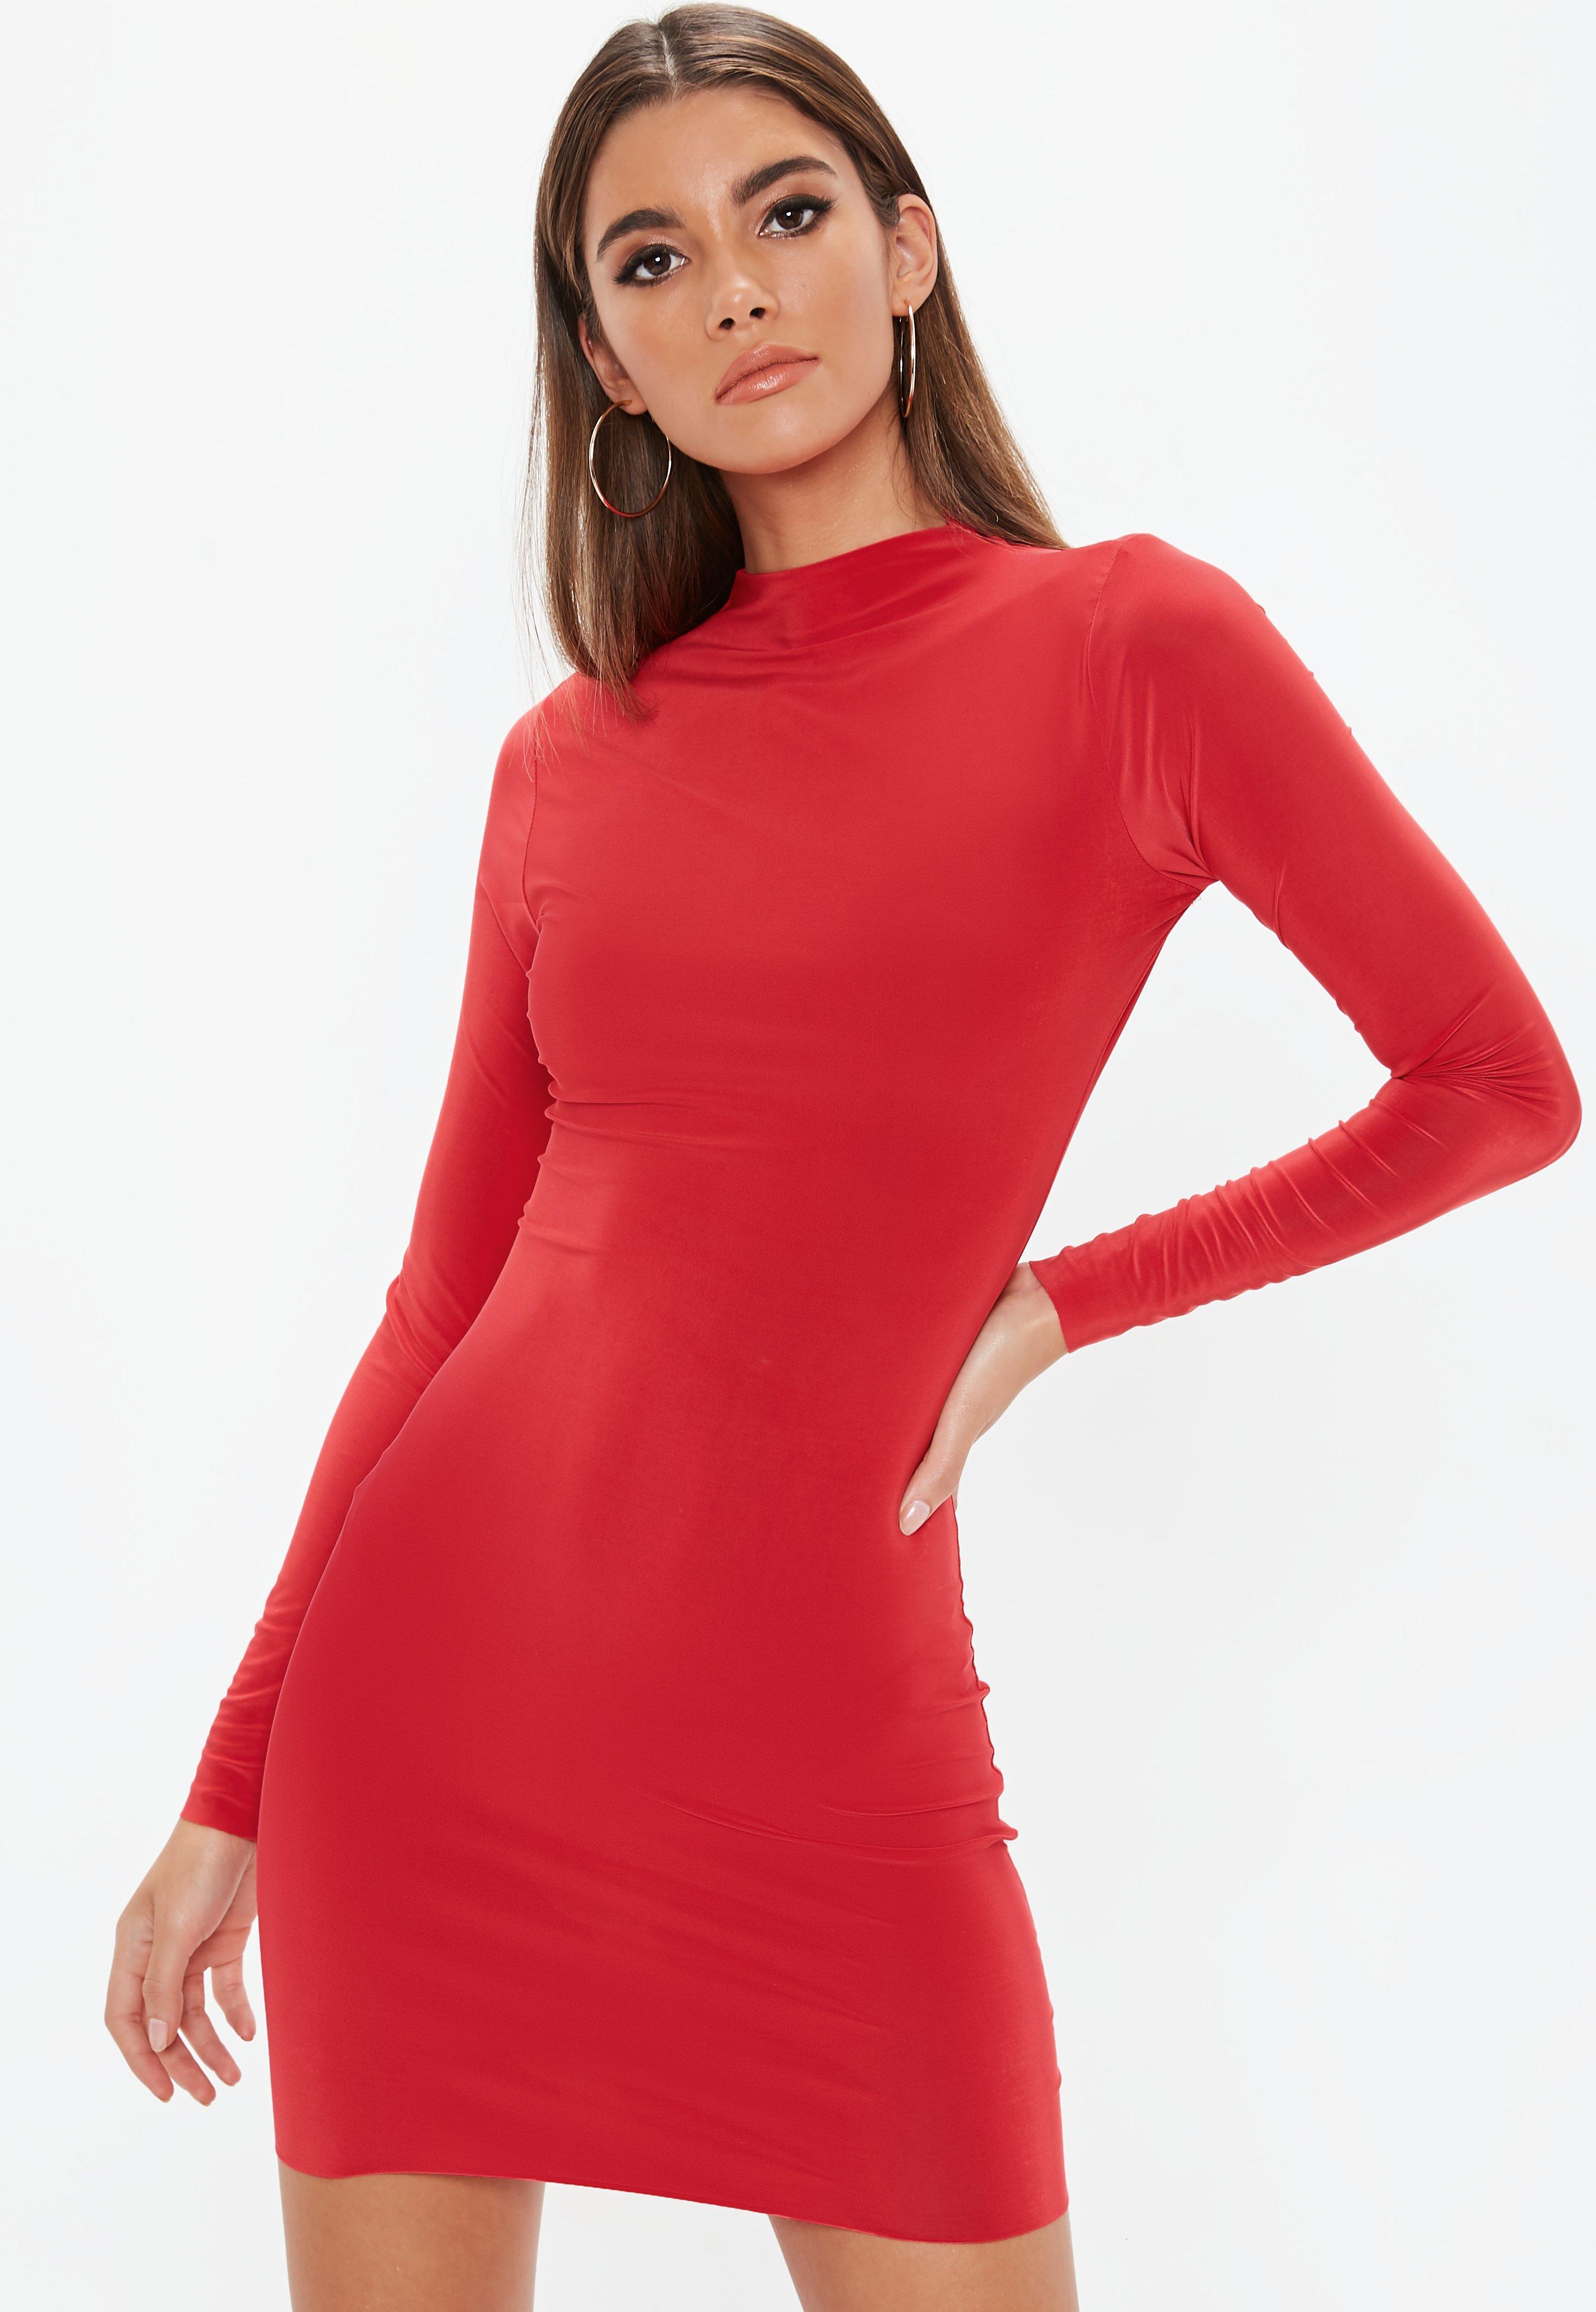 High Neck Mini Dresses